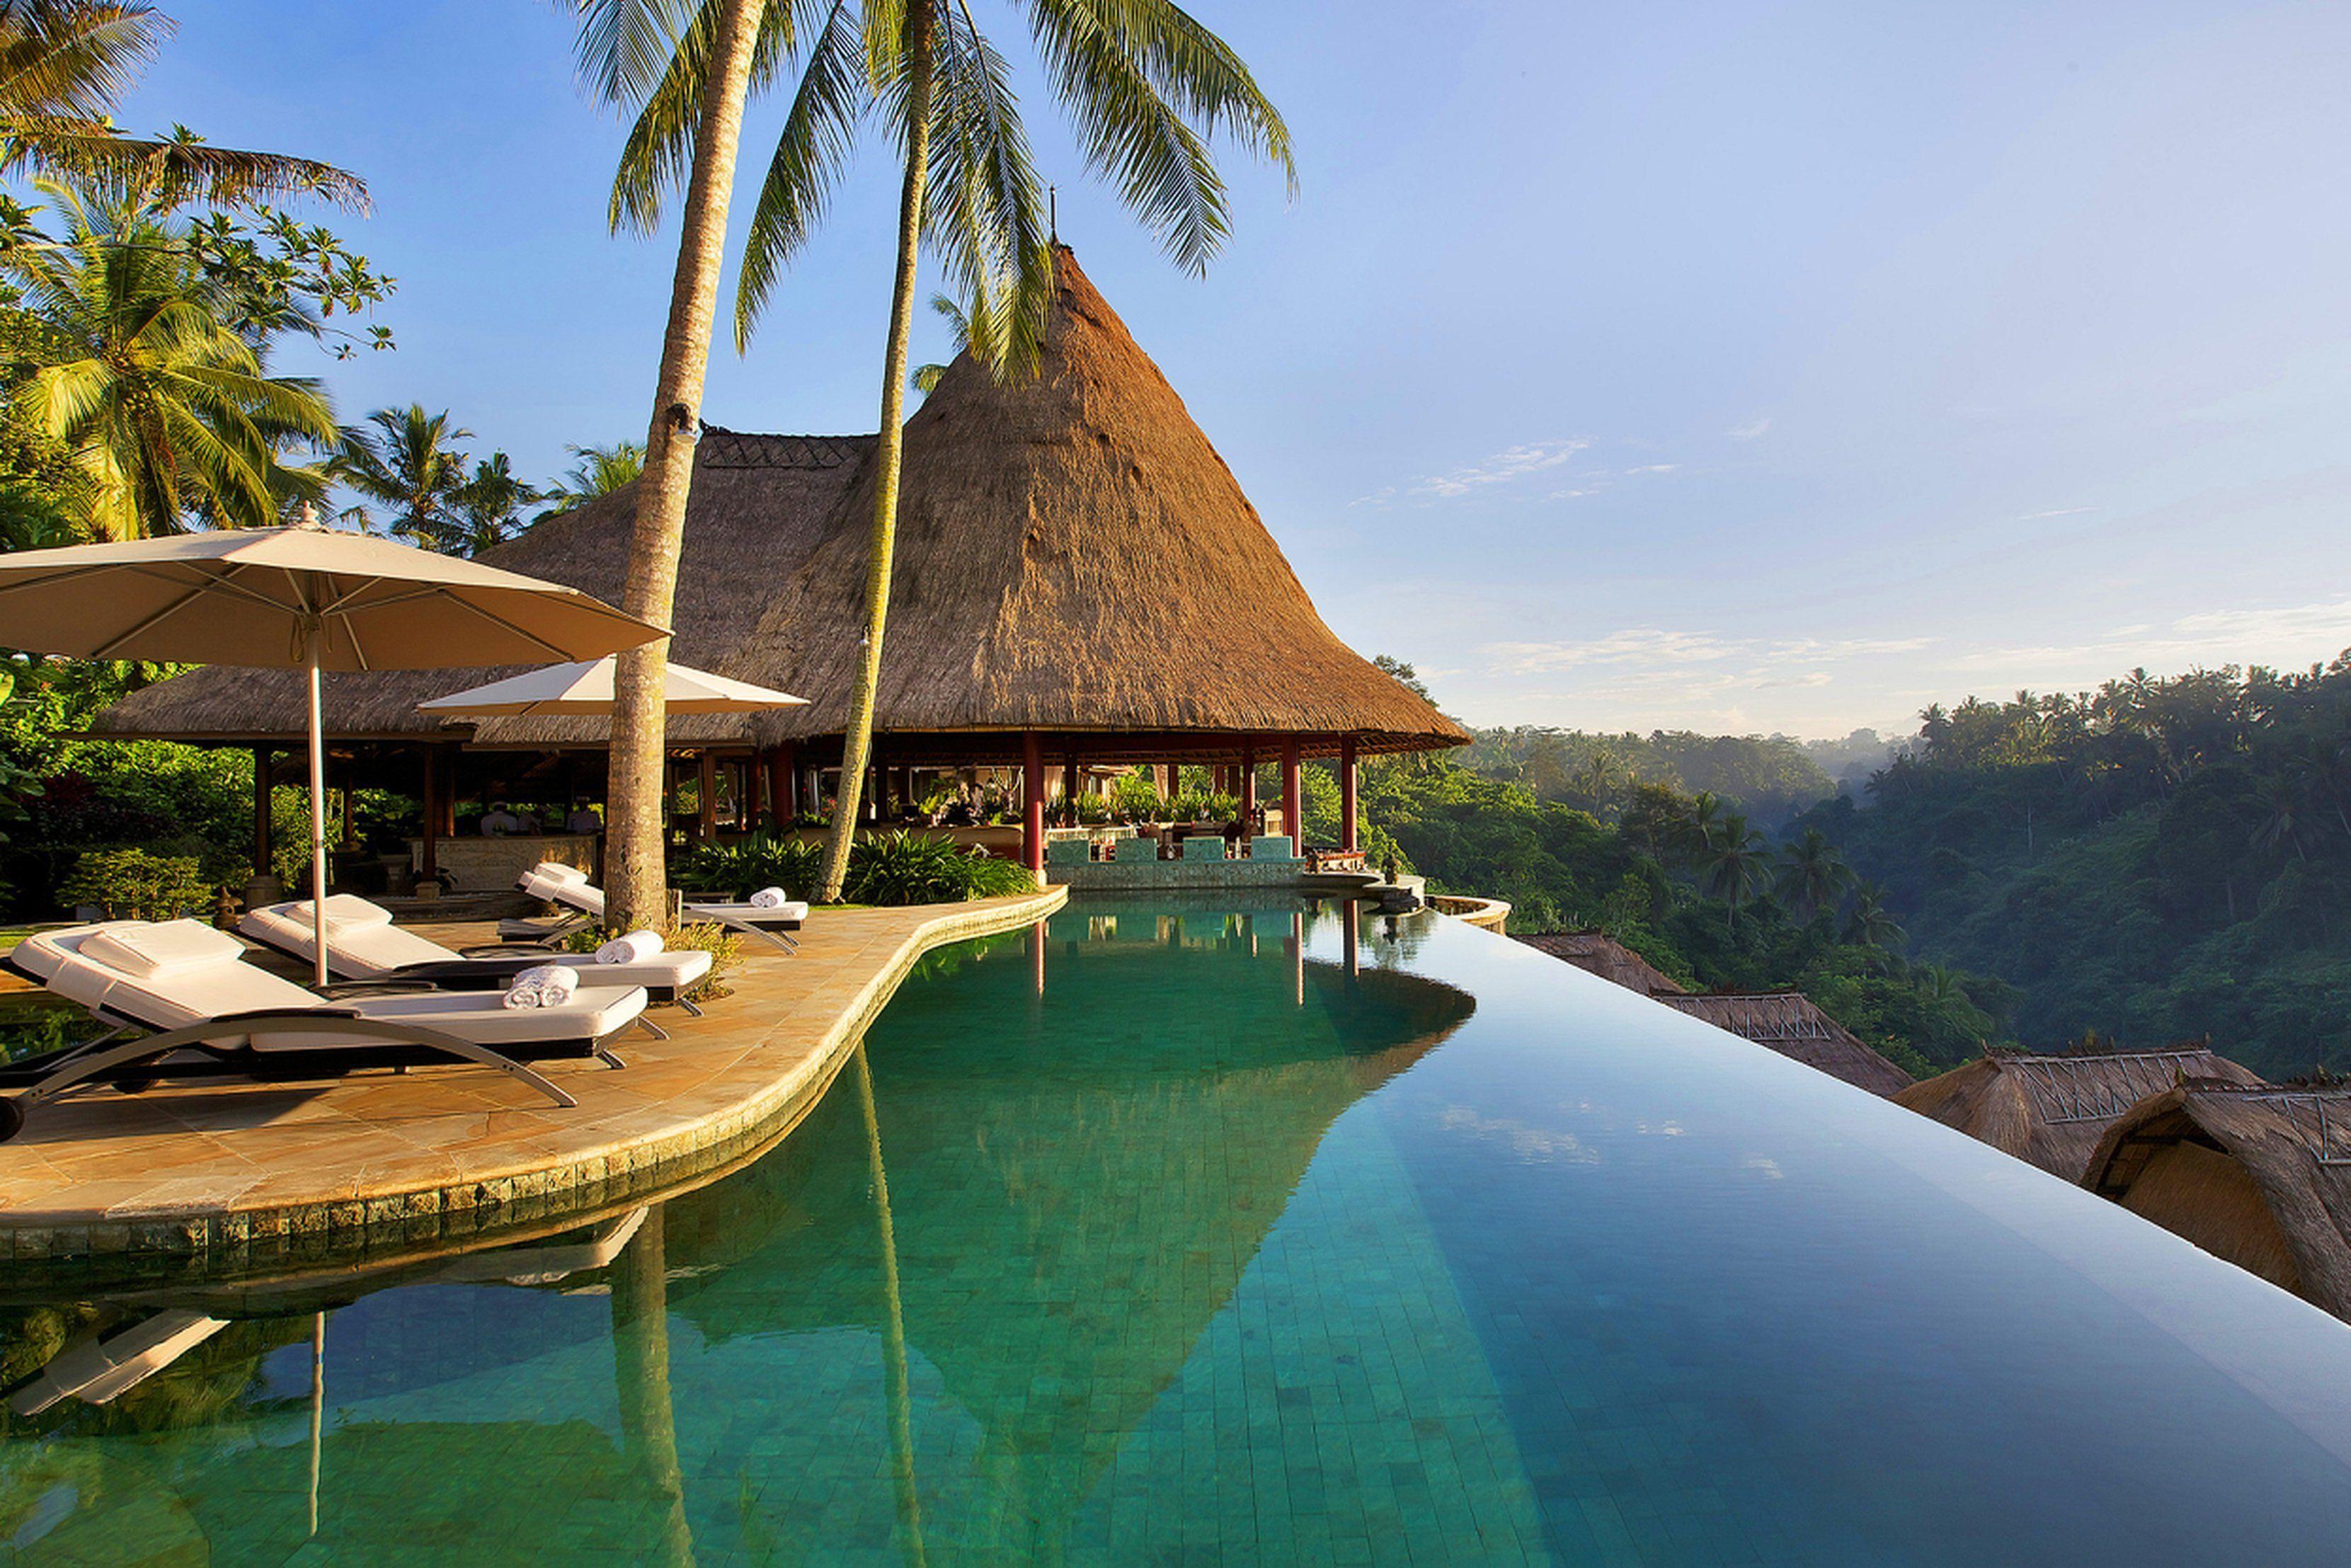 #Amor a primera vista 💘 En este hotel puedes disfrutar de tus merecidas vacaciones, contemplando el hermoso #pasiaje de #Bali 🌴🌞 The Viceroy Bali Resort ***** | Ubud, Indonesia #viajar #indonesia #asia #ubud #playa #piscina #escapio #palmeras #beachvibes #paraiso #verano #vacaciones